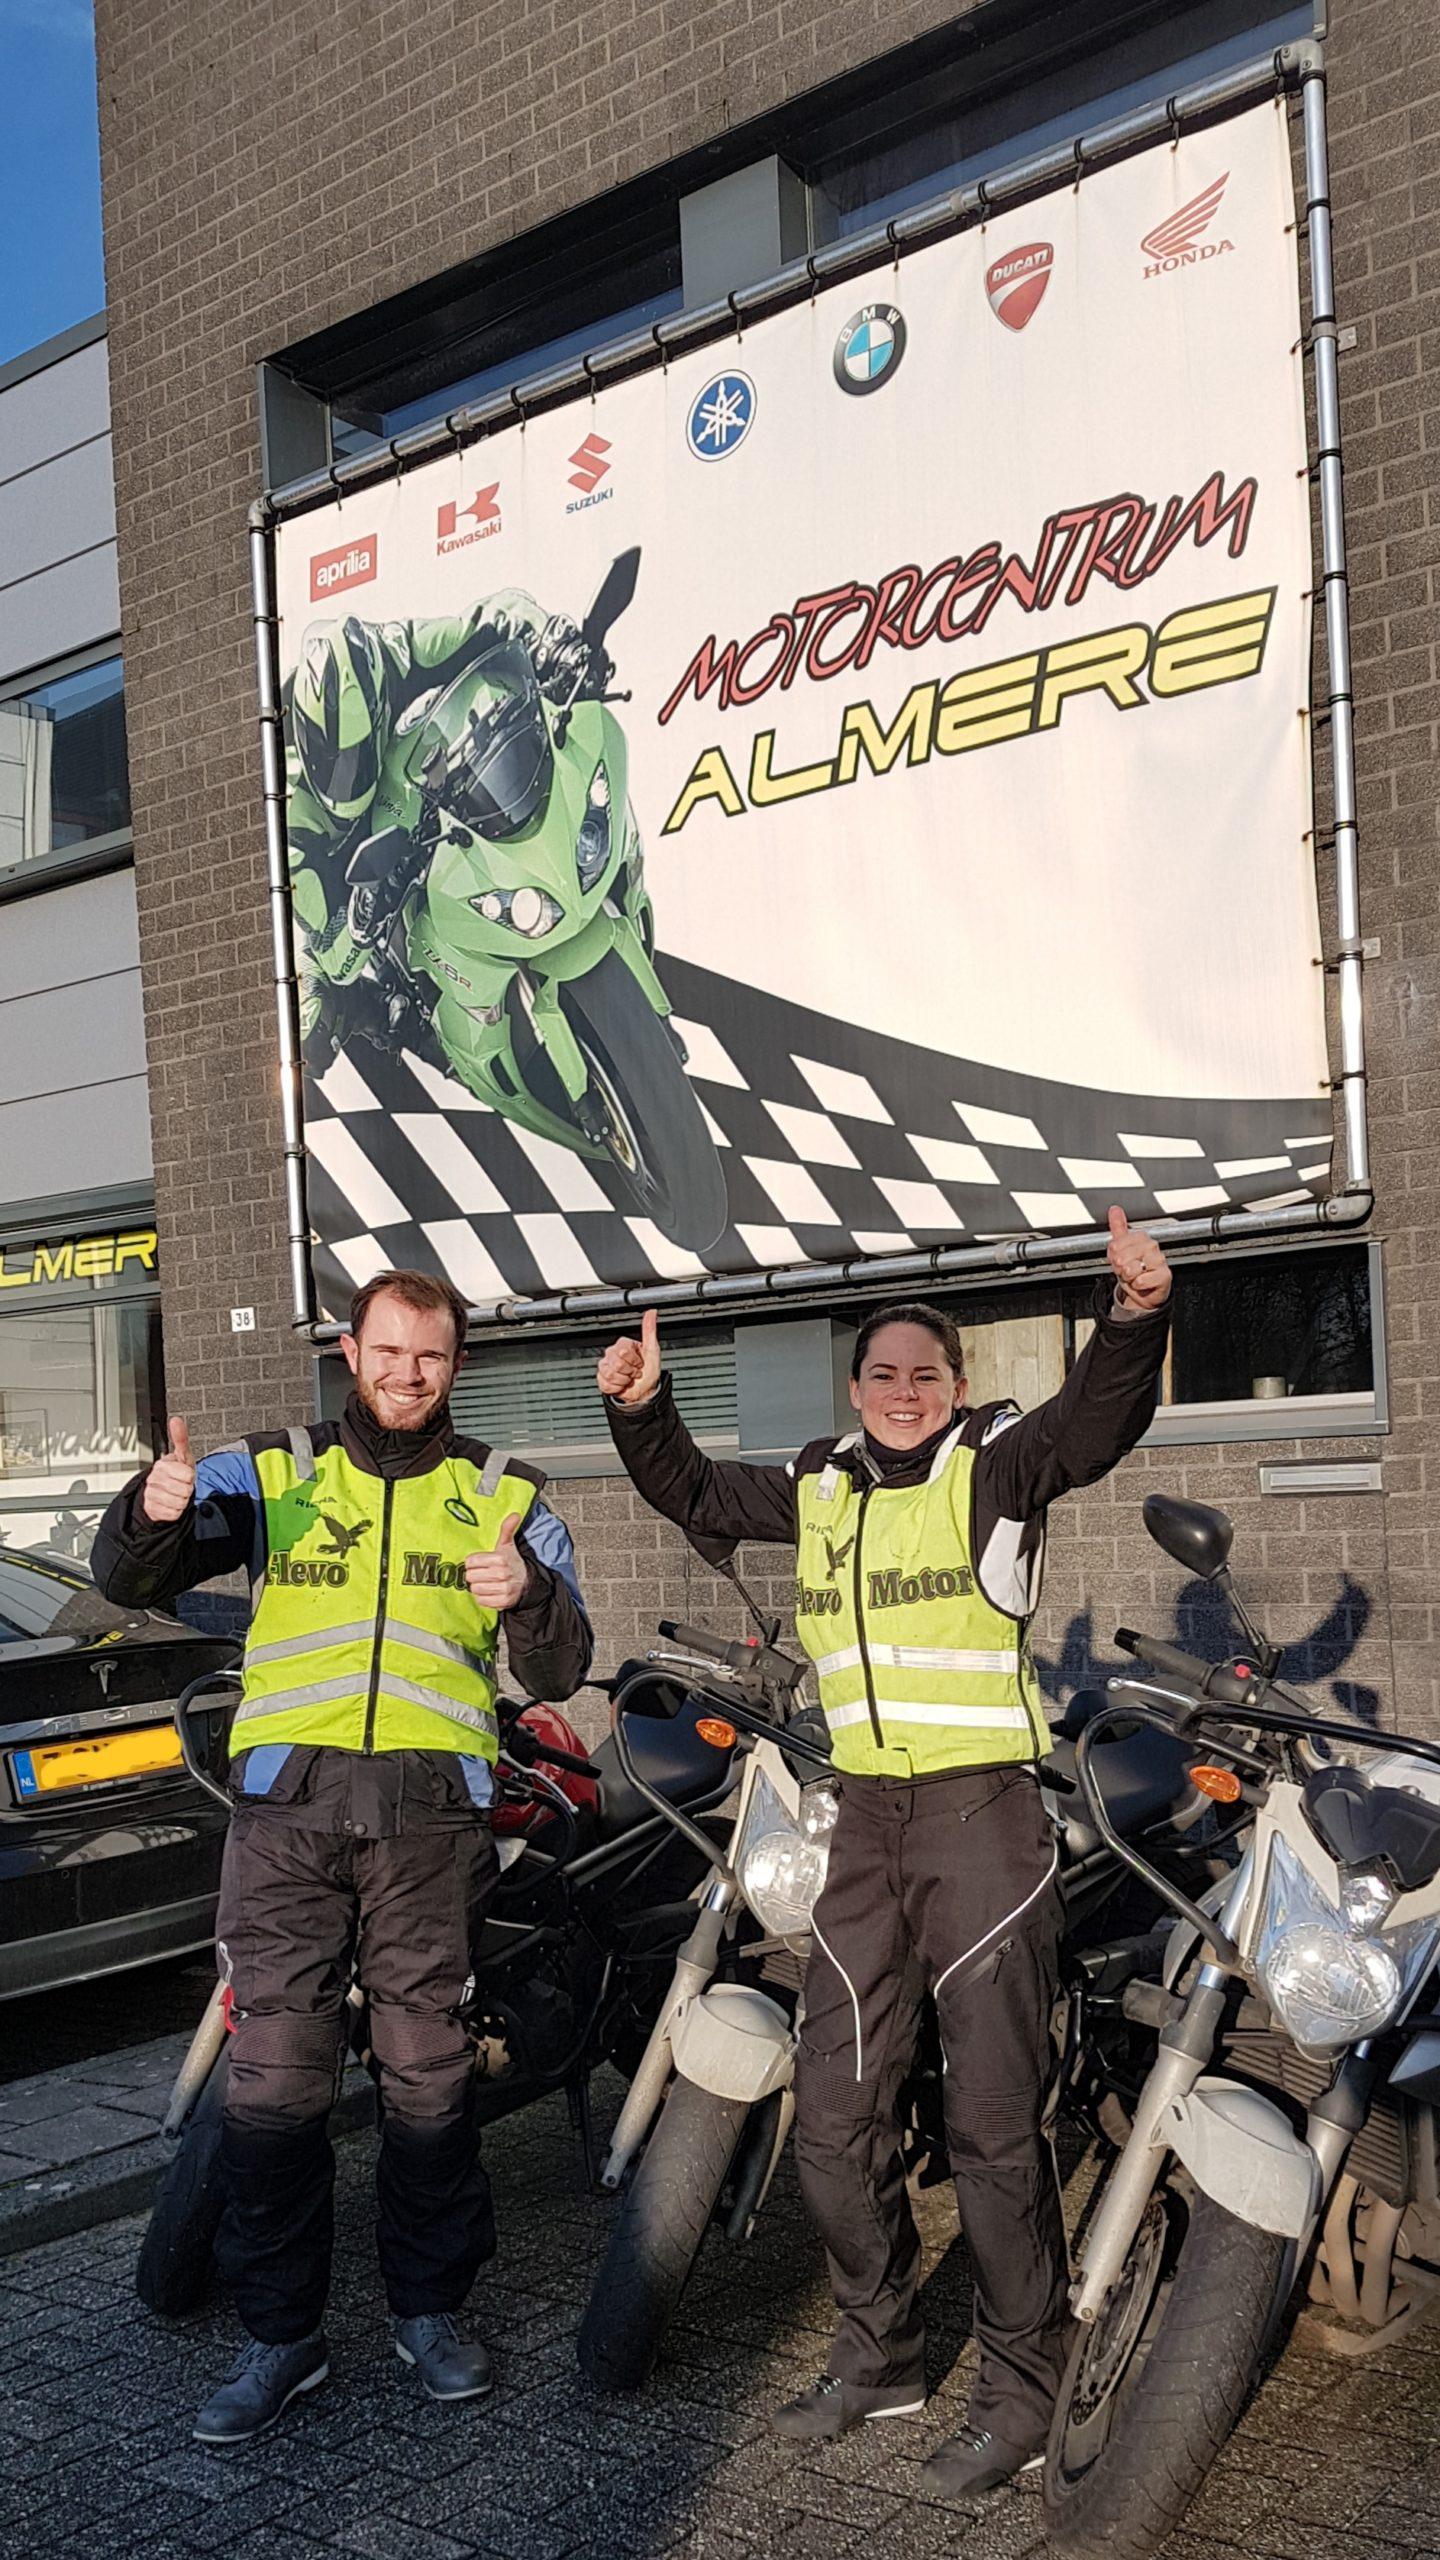 e Scooterrijbewijs in een dag! Dat kan bij Bromfietsrijbewijs Almere! kom je uit Naarden Muiderberg Amsterdam of Weesp of uit Bussum je bent van harte welkom!